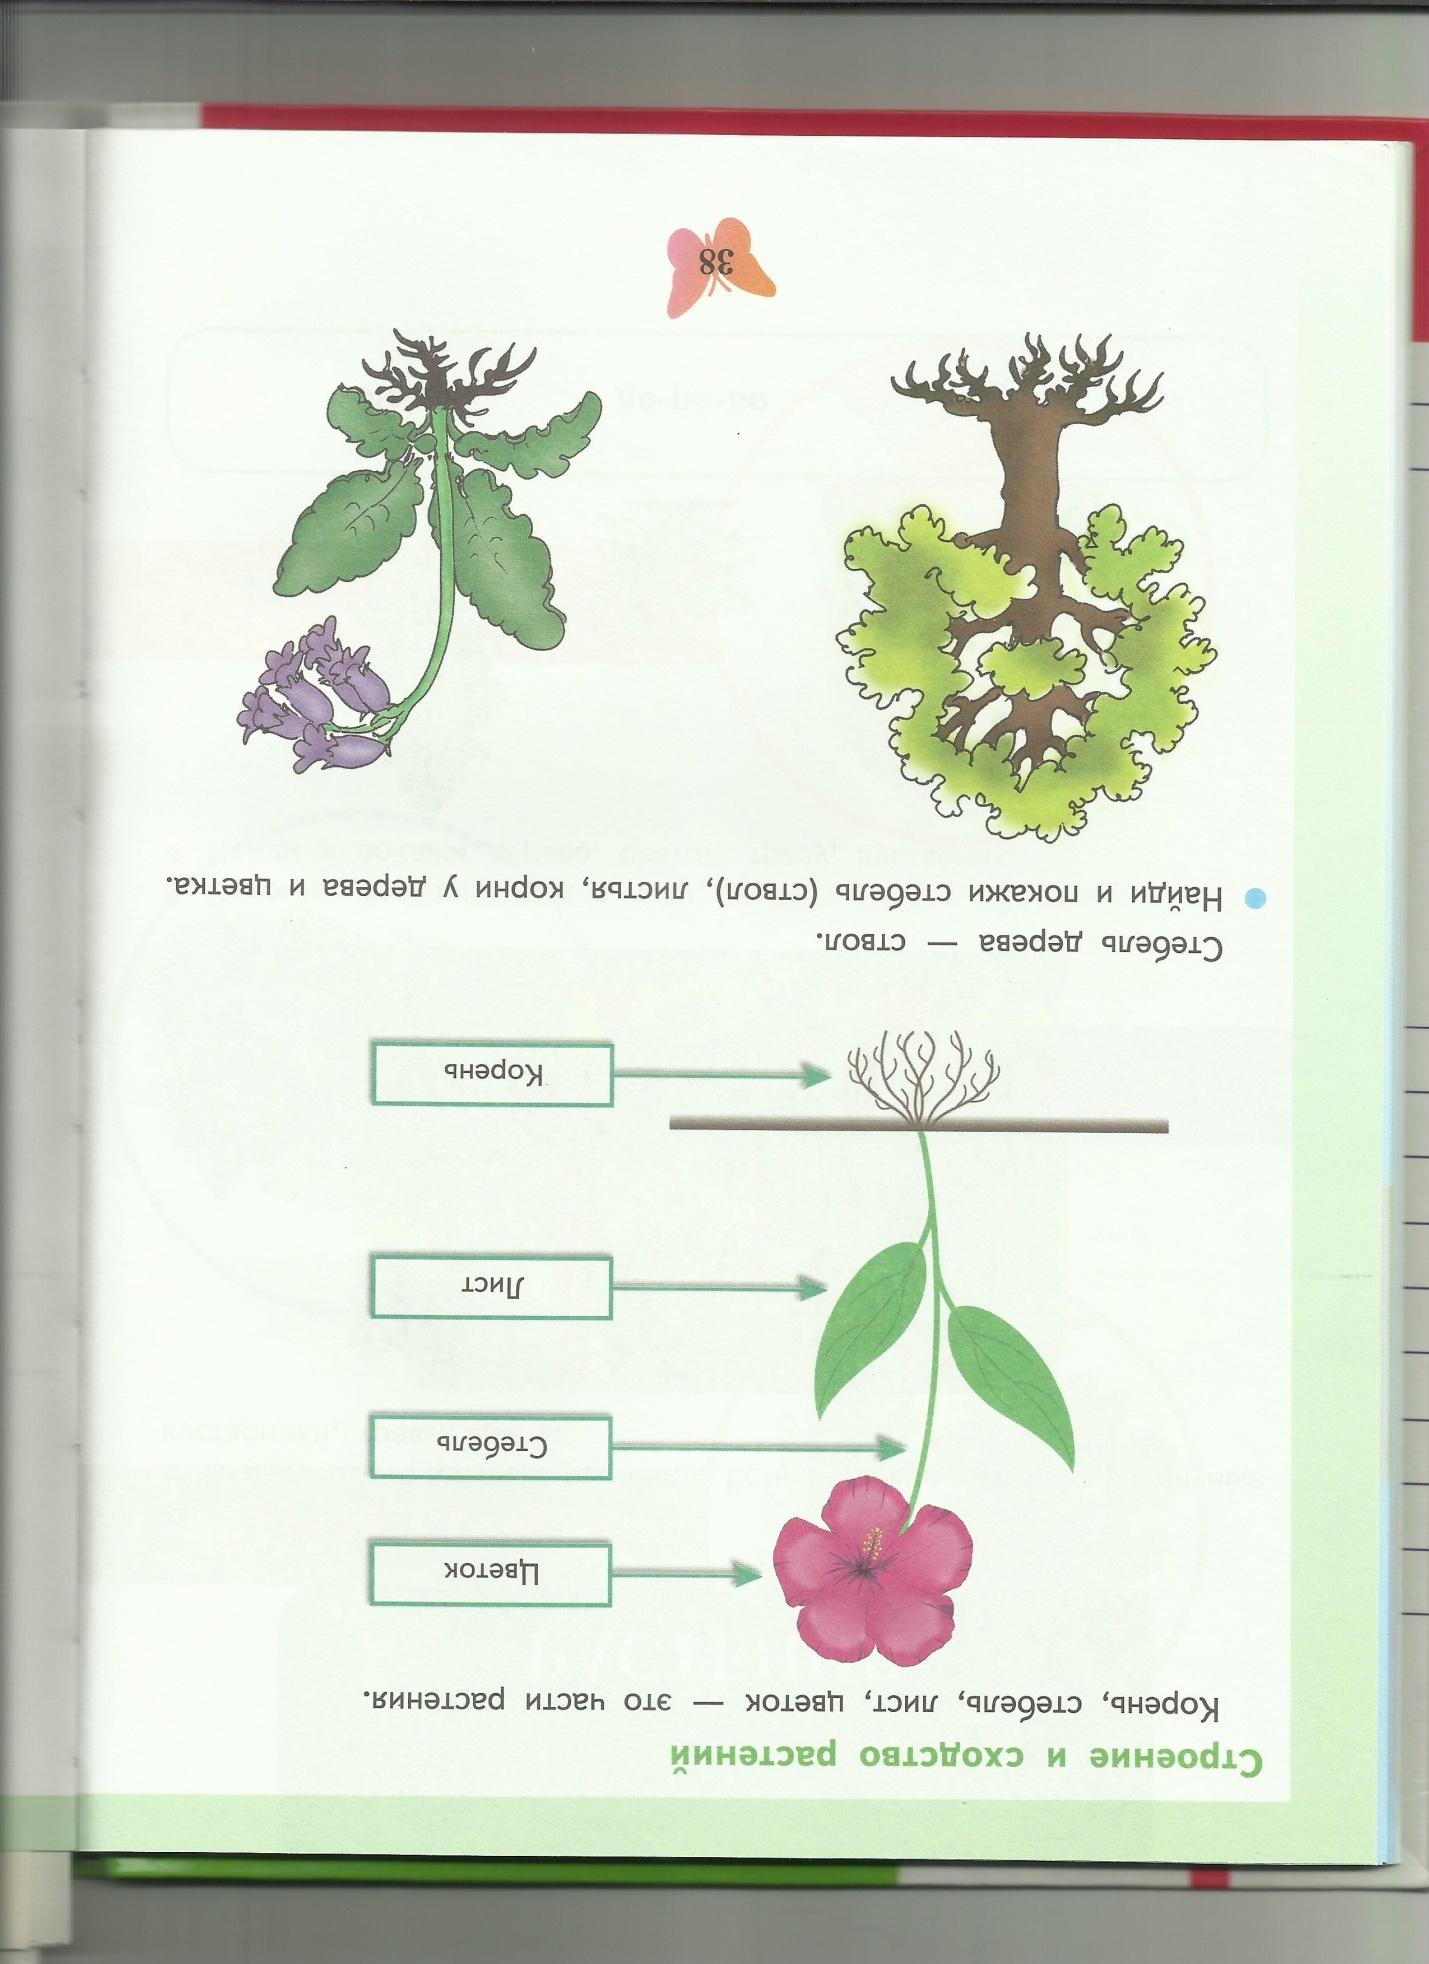 C:\Users\пр\Desktop\папка растения 8\строение и сходство растений.jpg